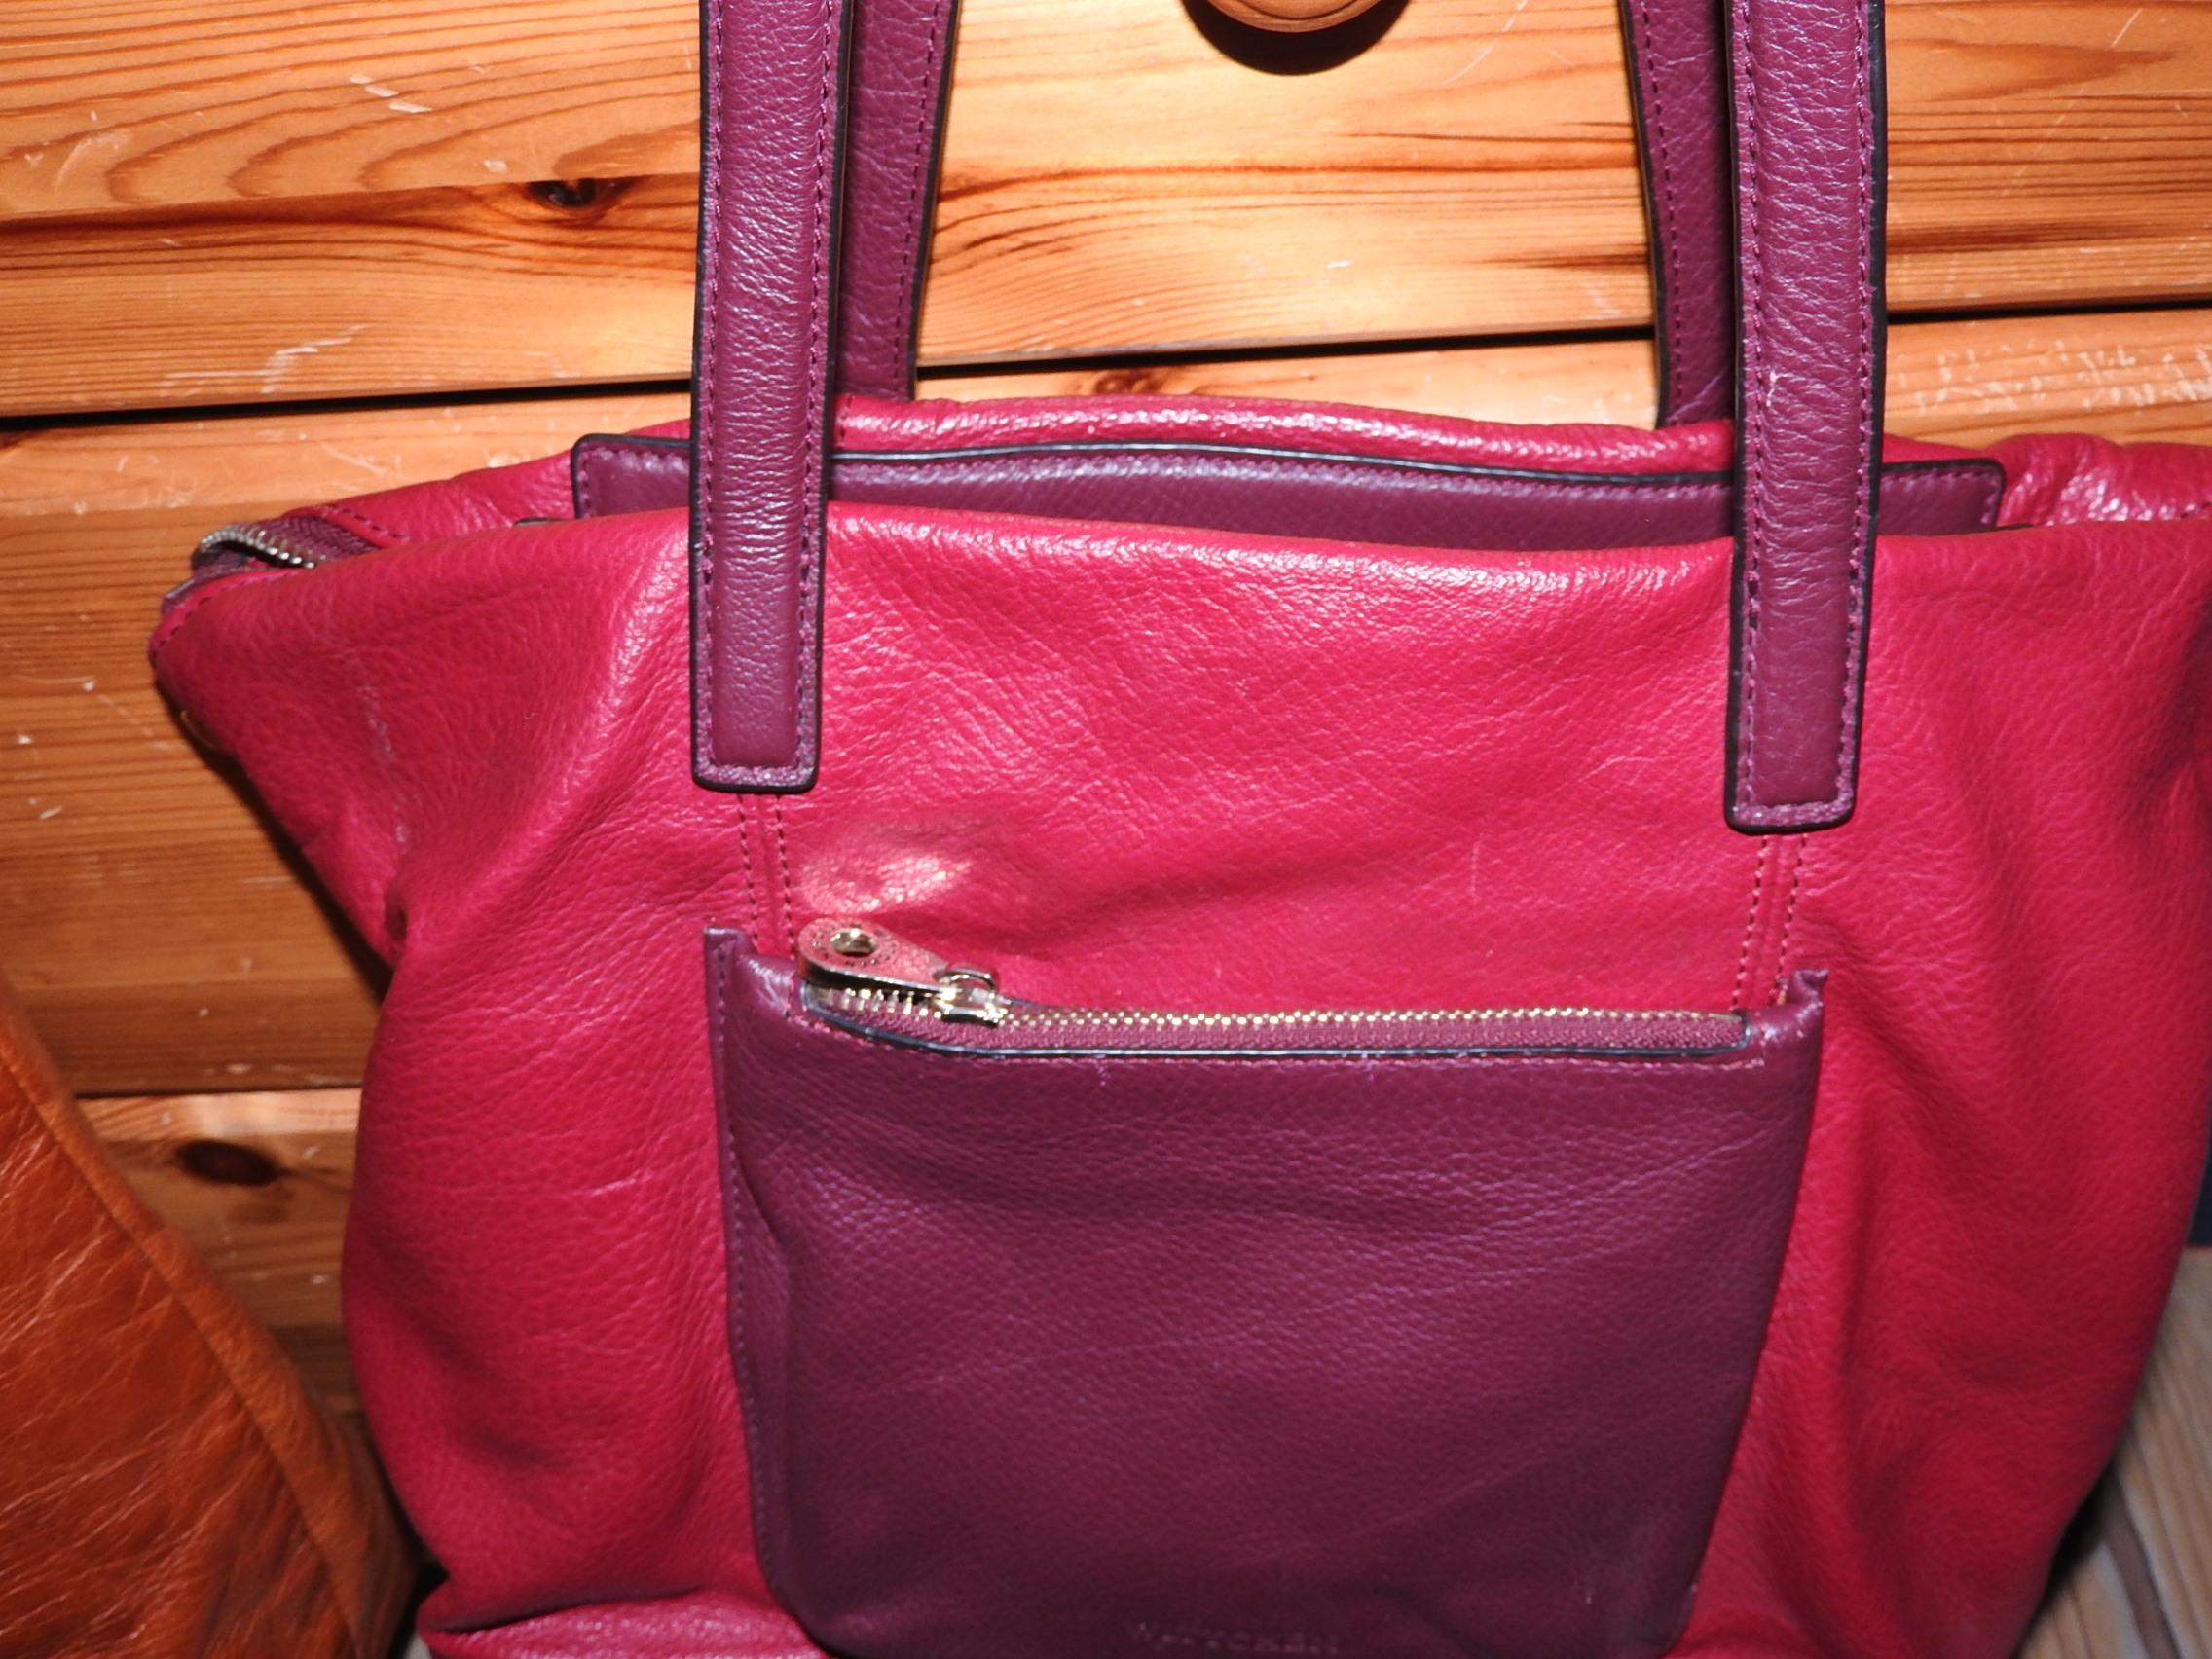 03b077bf91a44 torba ze skóry czerwona Wittchen - 7035740975 - oficjalne archiwum ...